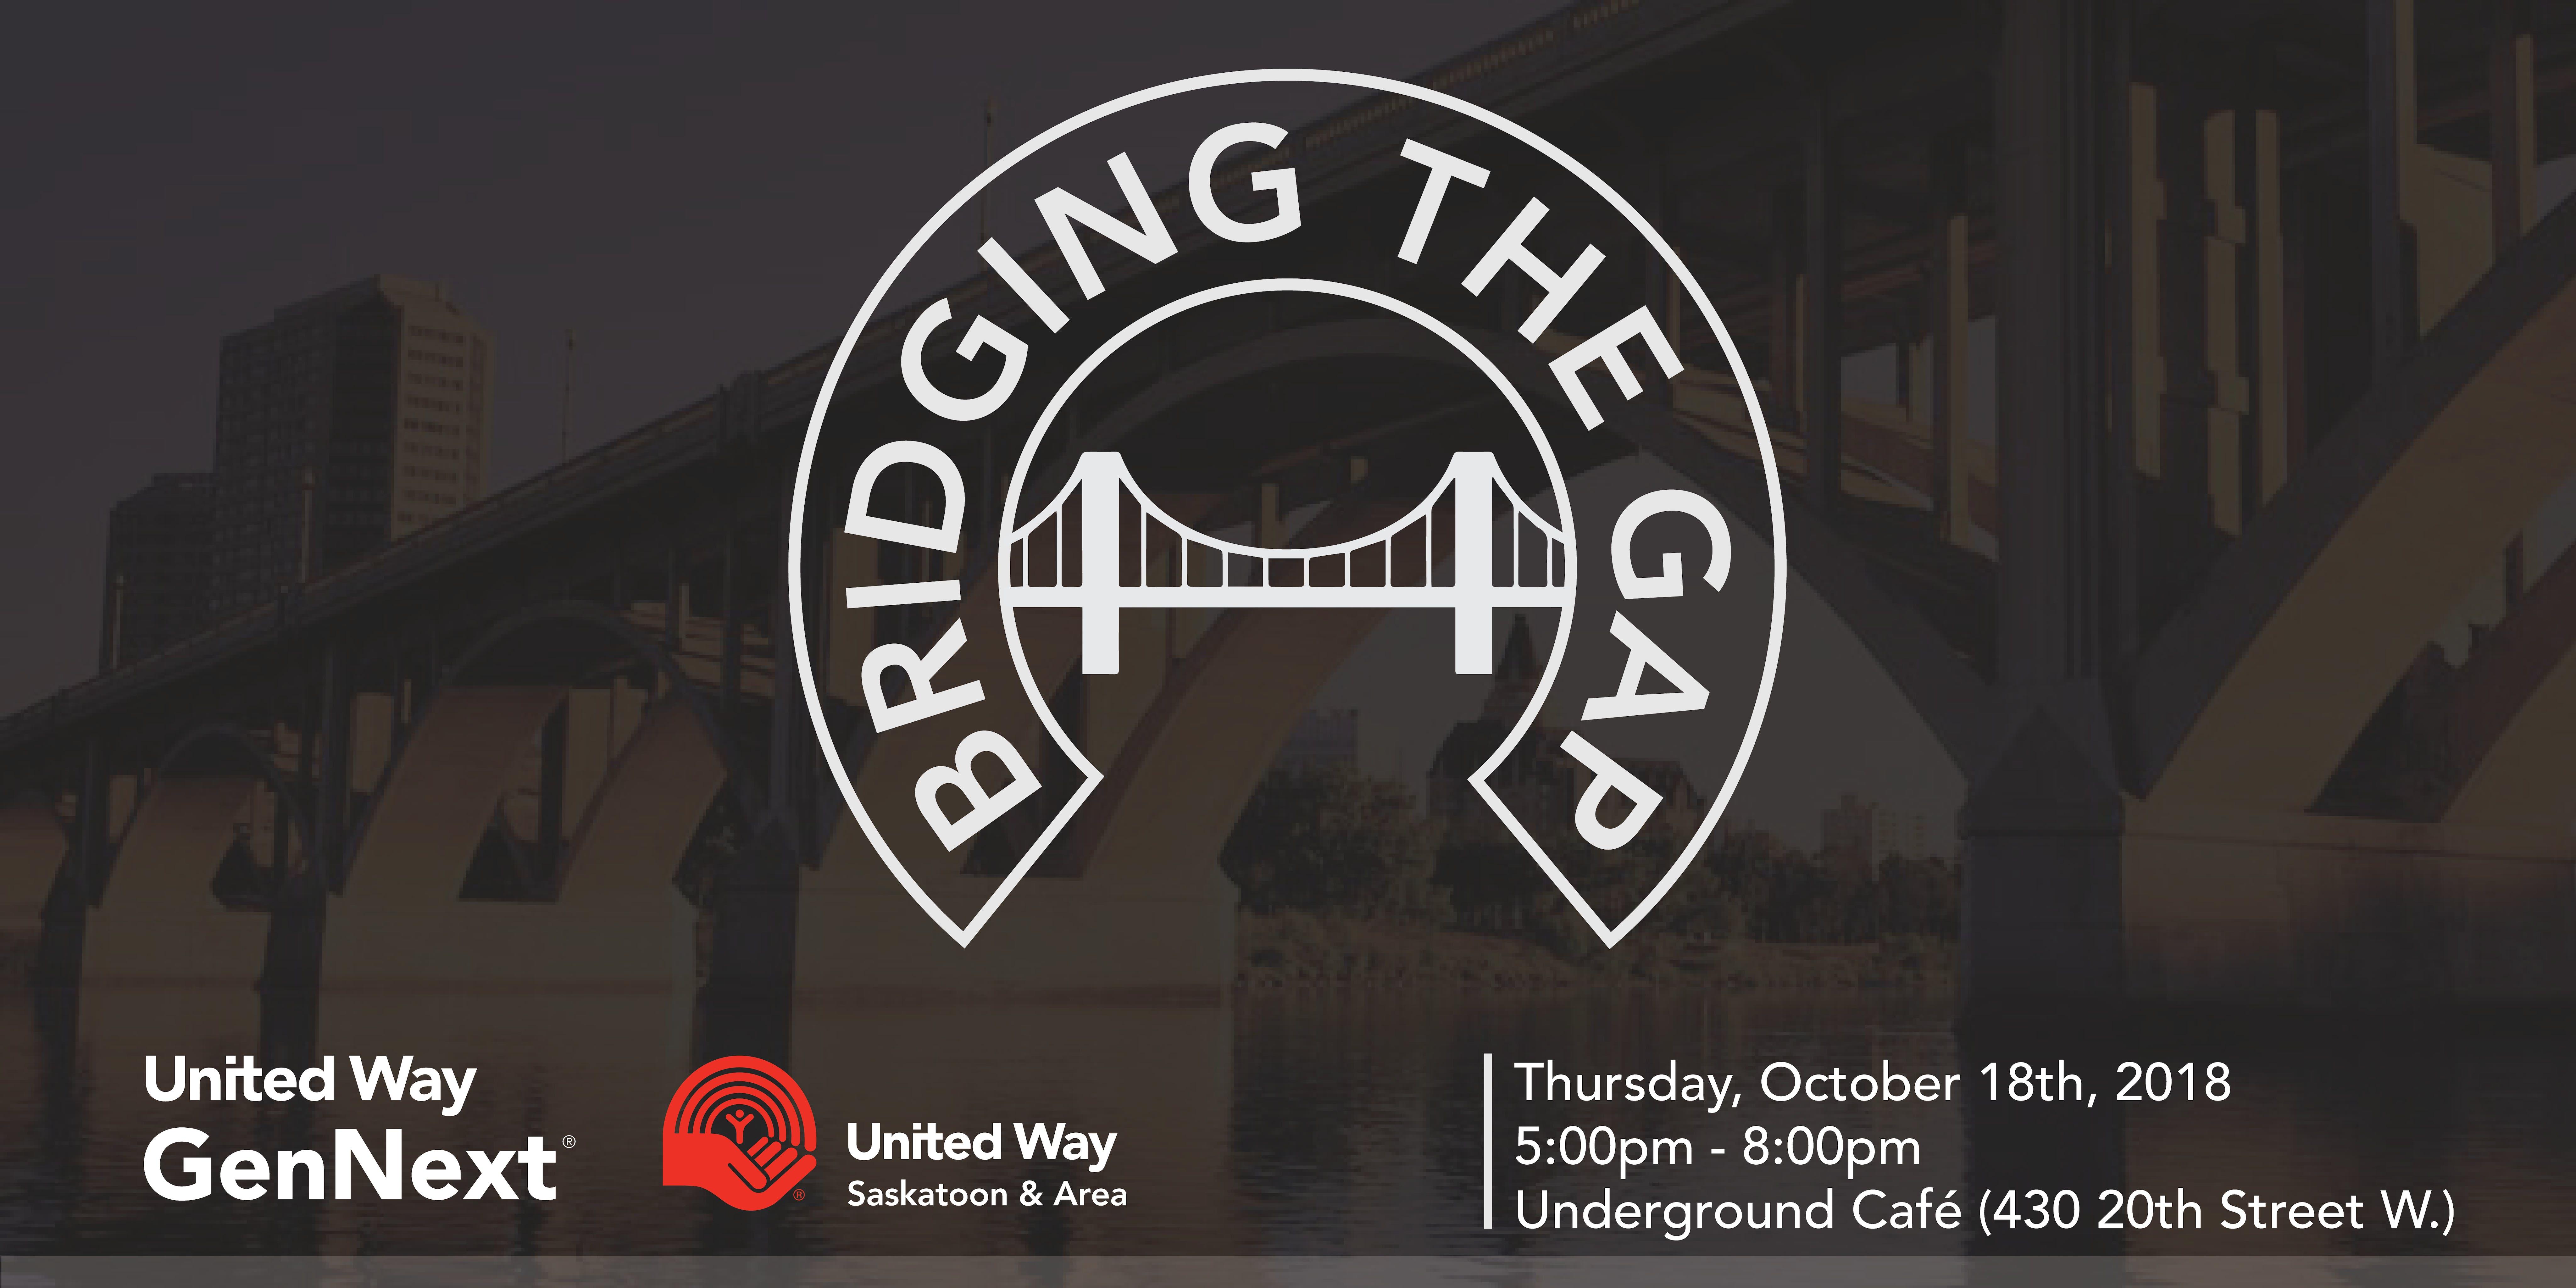 GenNext: Bridging the Gap